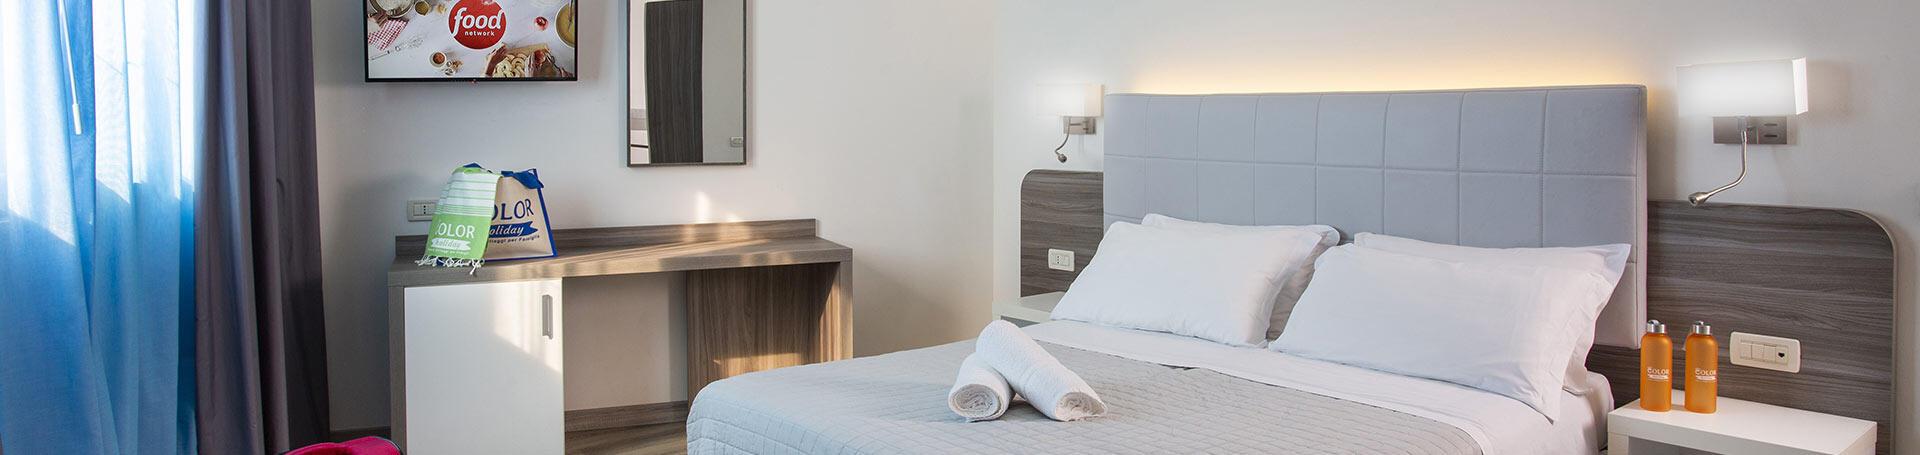 palacelidohotel en rooms 011